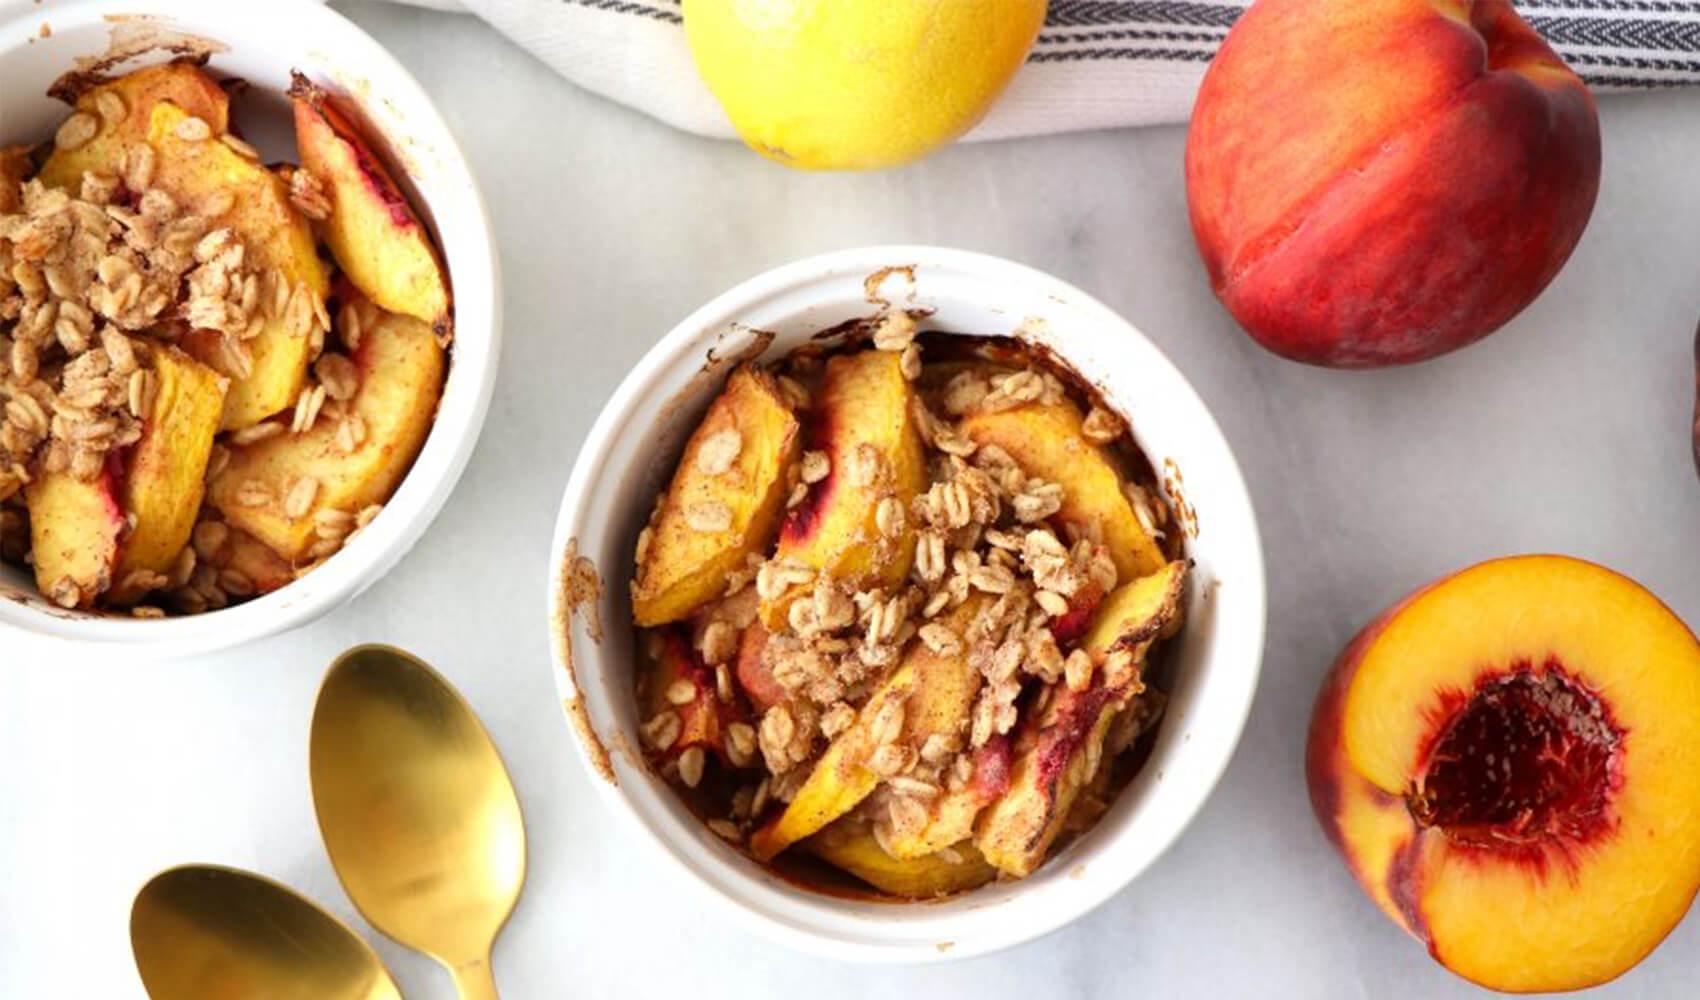 Baked Lemon Peach Cobbler